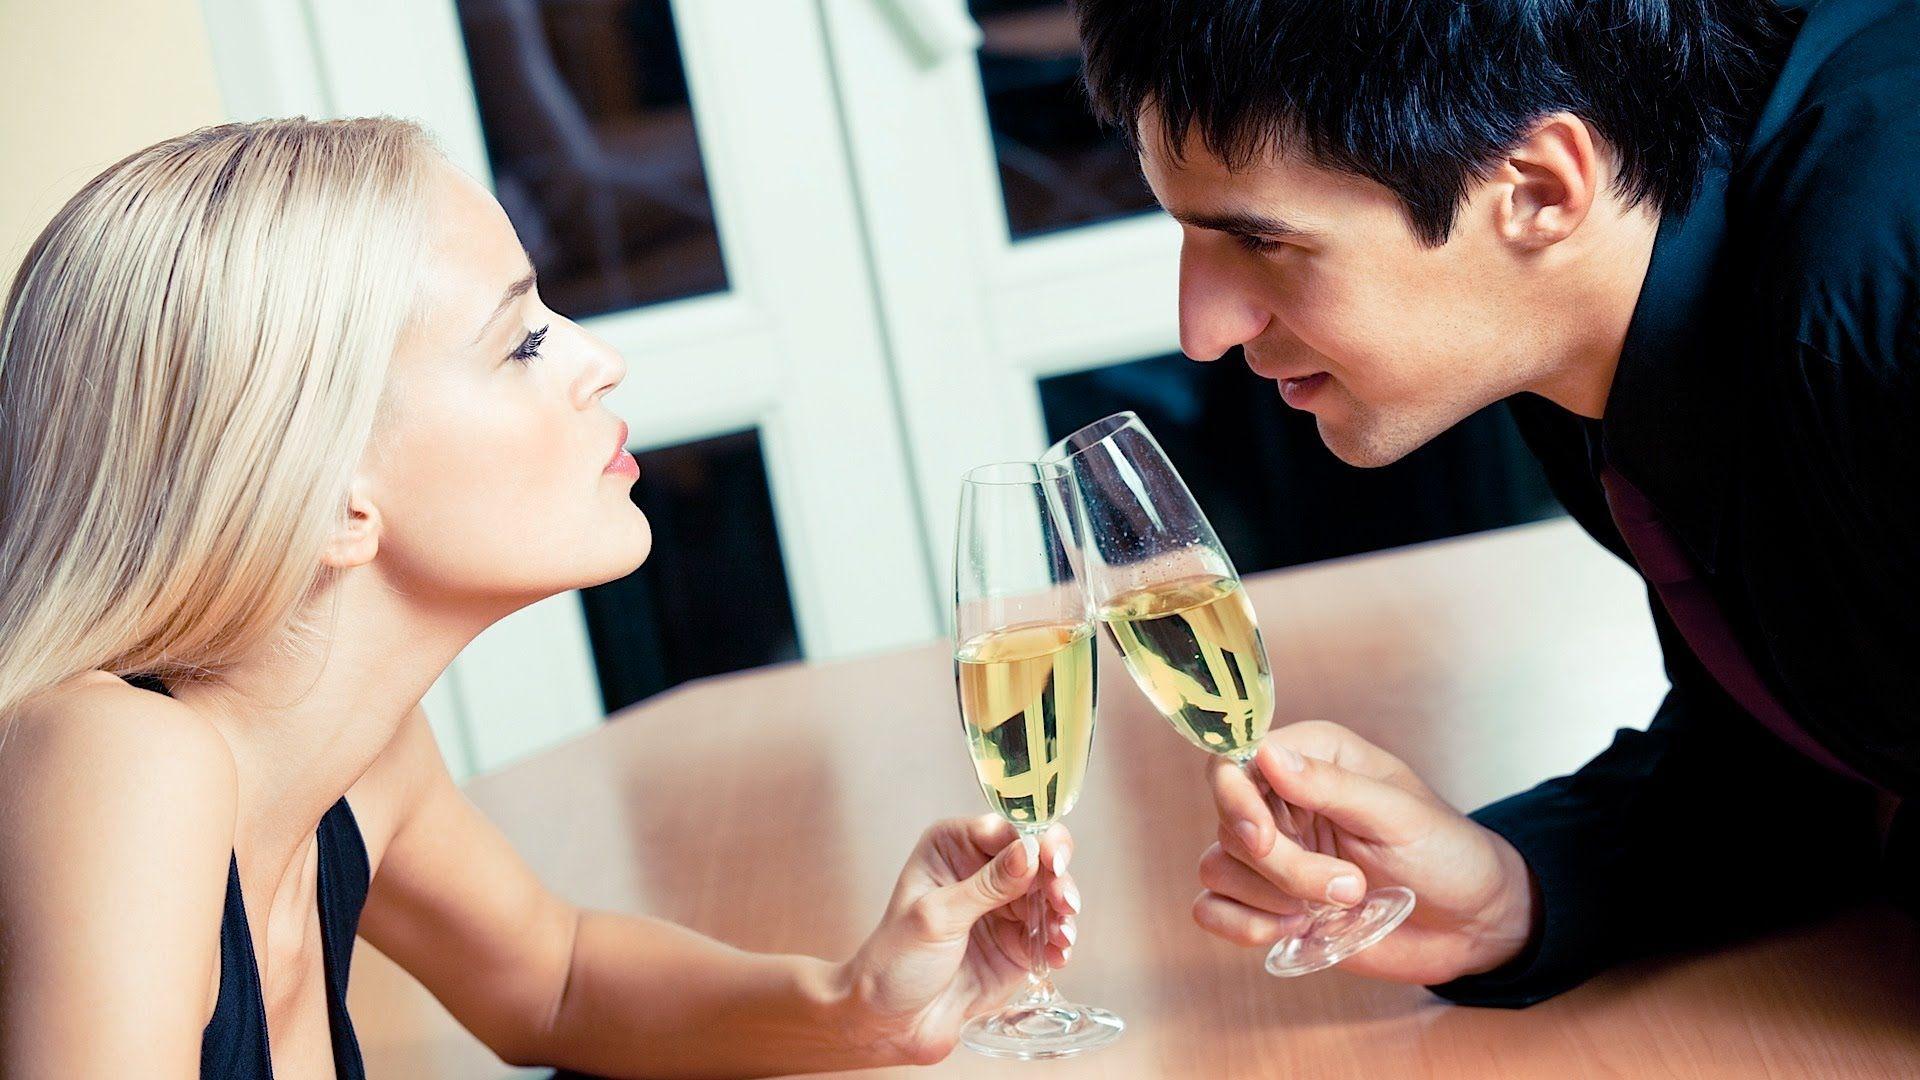 Flirting tips for speed dating